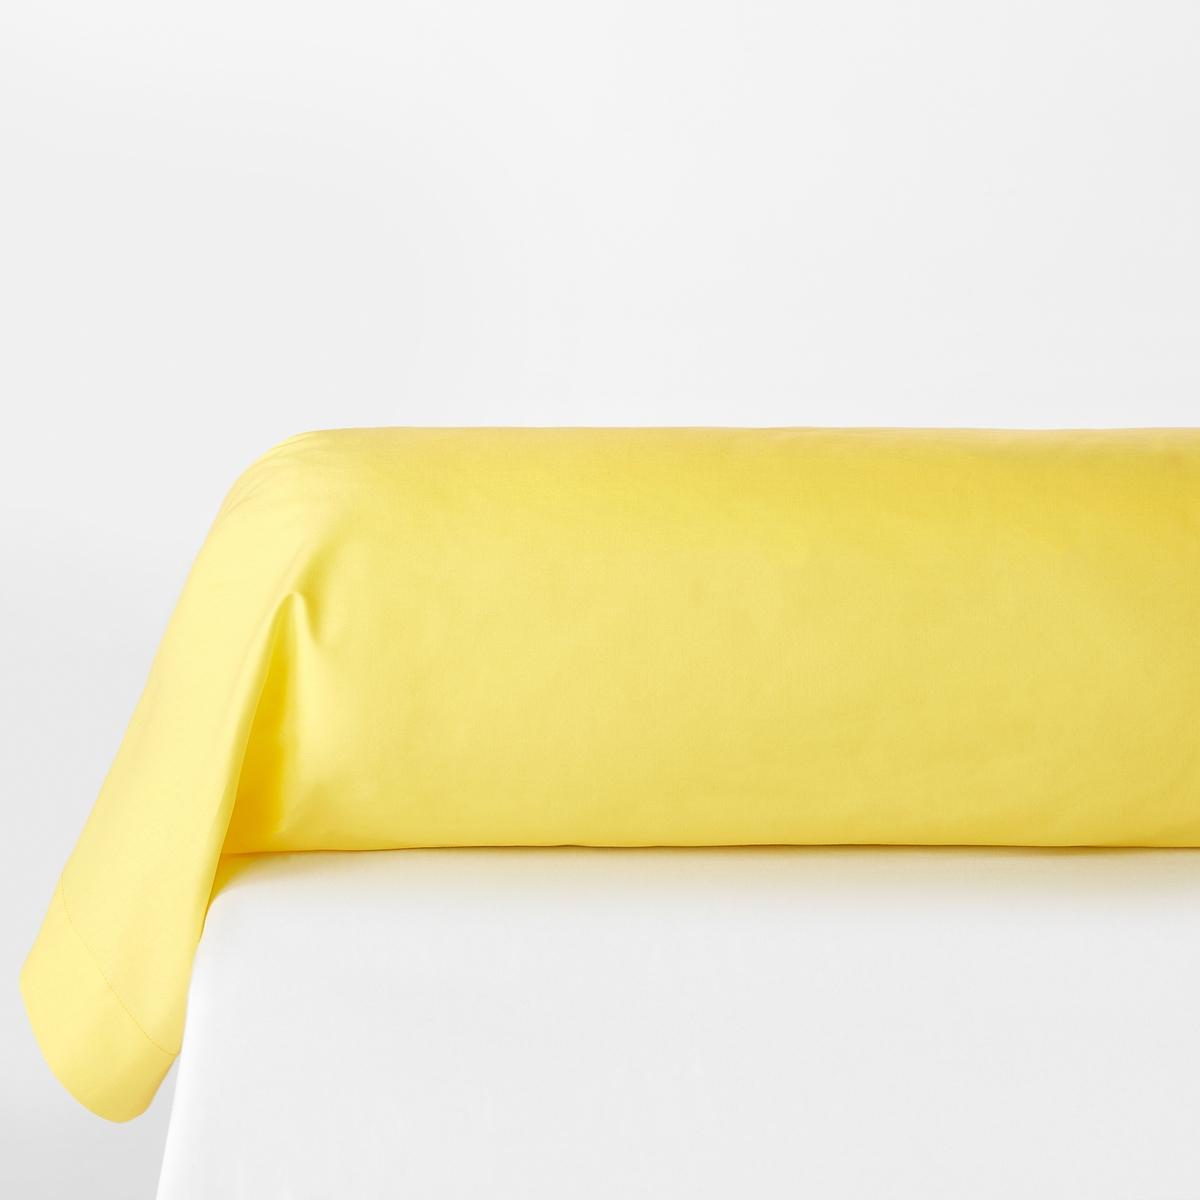 Наволочка на подушку-валик из хлопкаНаволочка на подушку-валик из 100% хлопка (57 нитей/см?) : чем больше нитей/см?, тем выше качество материала. Длительный комфорт и отличная прочность. Отличная стойкость цветов к стиркам     (60 °C).Преимущества   : великолепная гамма современных оттенков для сочетания по желанию с простынями и пододеяльниками SCENARIO и рисунками коллекции. Знак Oeko-Tex® гарантирует, что товары протестированы и сертифицированы, не содержат вредных веществ, которые могли бы нанести вред здоровью.                                                                                                                  ?Наволочка на подушку-валик :85 x 185 см                                                                                                                                     Откройте для себя всю коллекцию постельного белья, нажав SC?NARIO UNI<br><br>Цвет: желтый лимонный